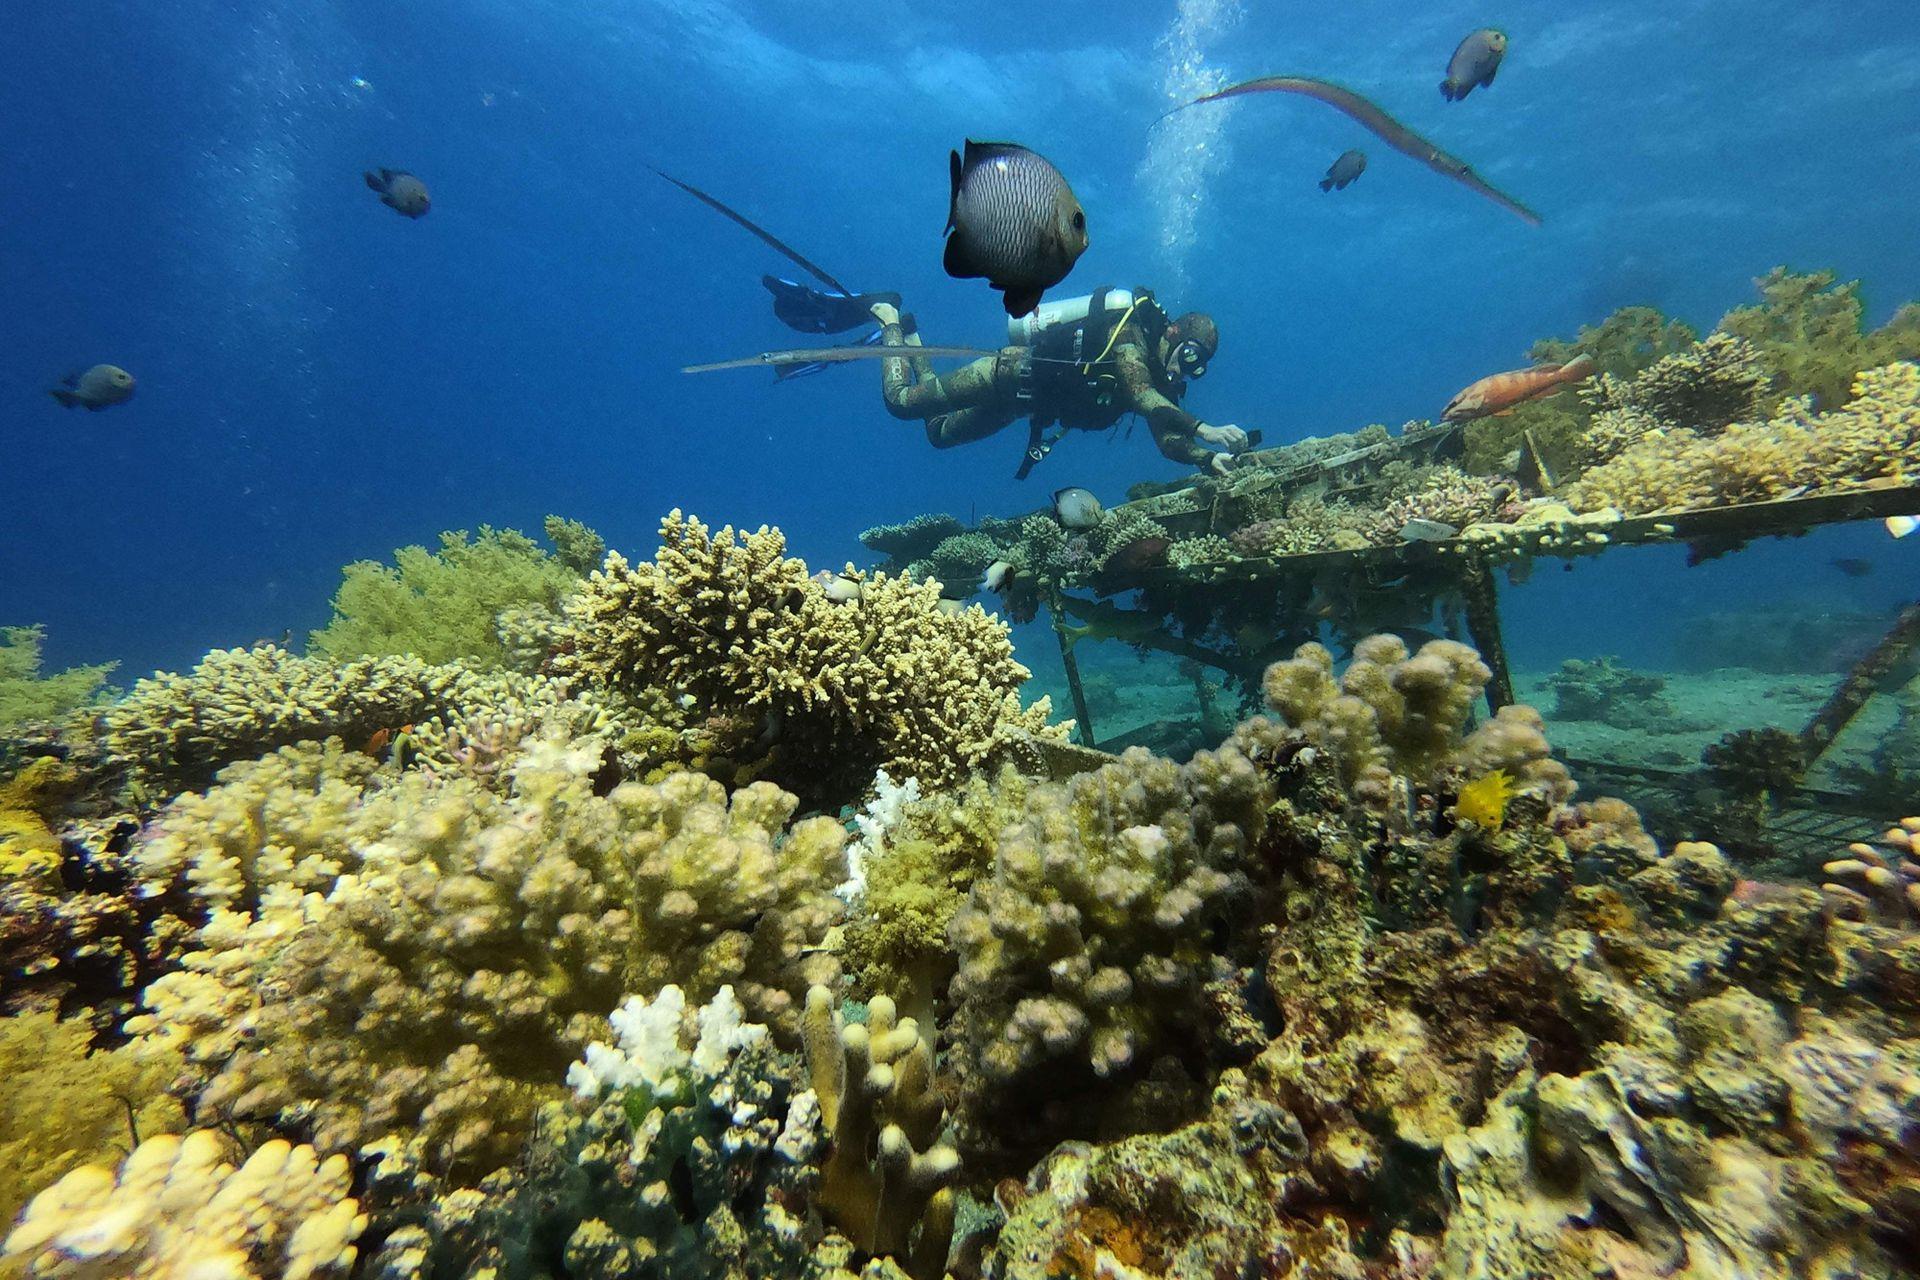 La Gran Barrera de Coral de Australia, incluida en el Patrimonio de la Humanidad de la Unesco, registró cuatro episodios graves de blanqueamiento en las dos últimas décadas